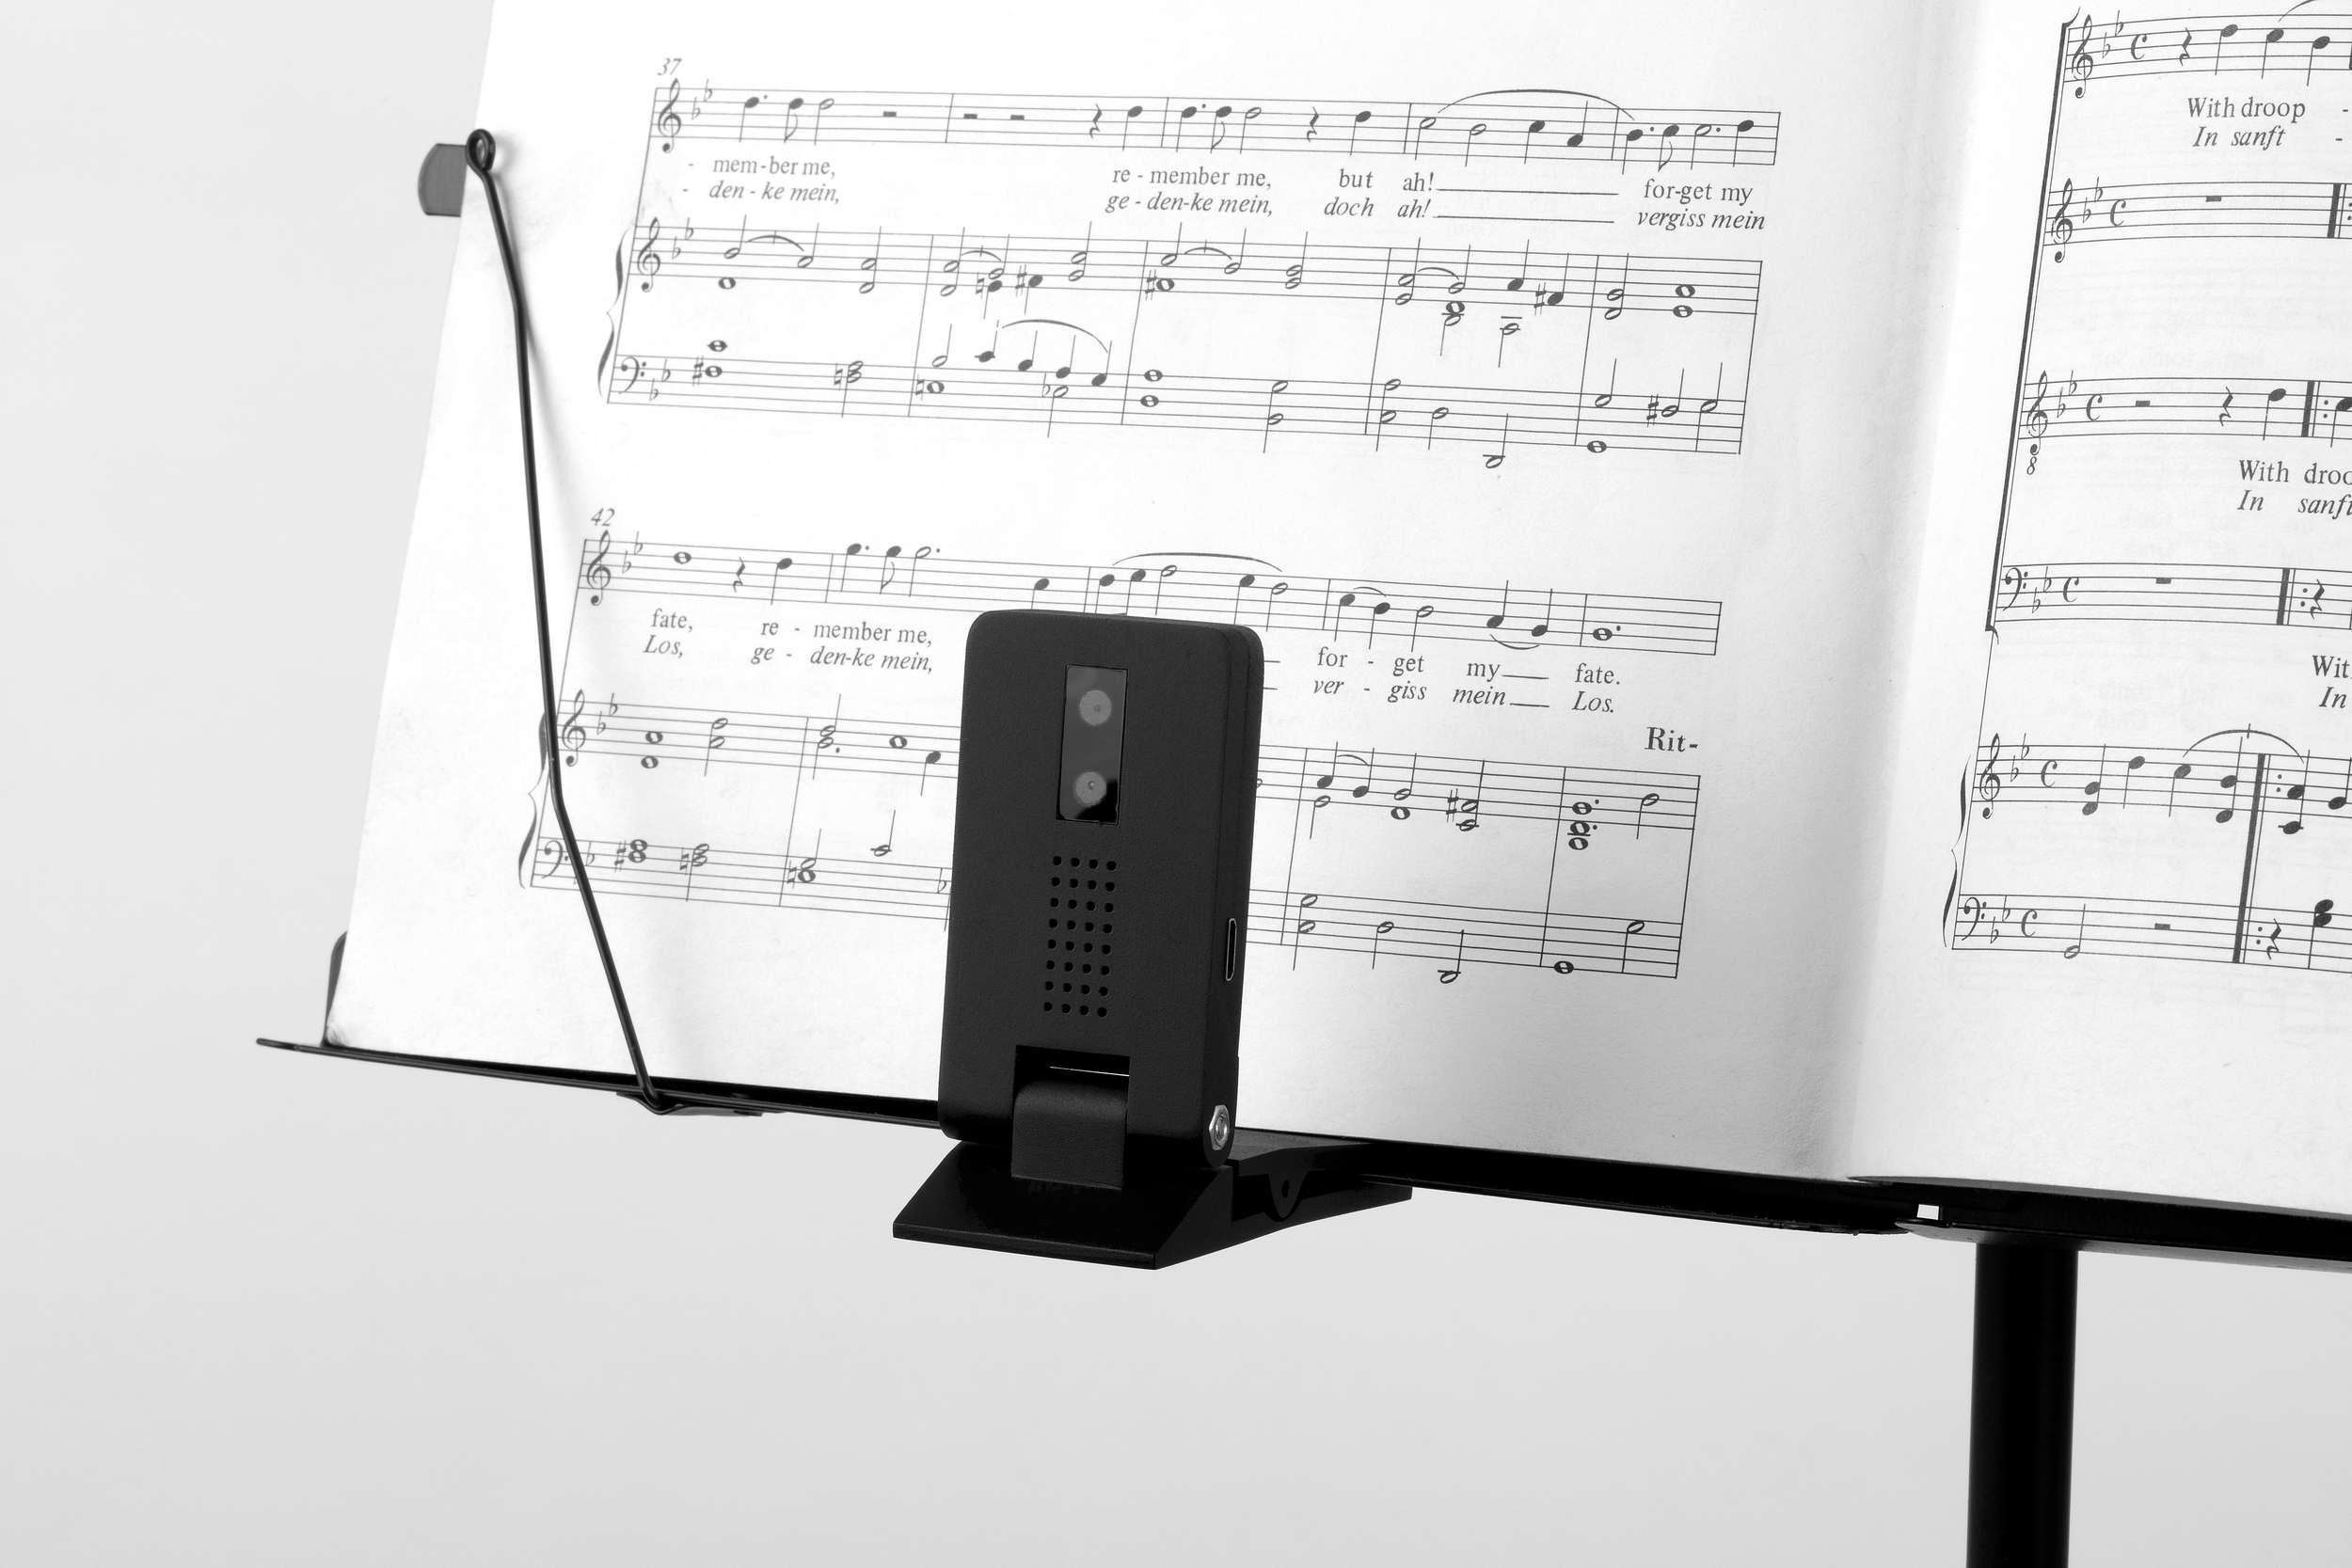 Une camera surveille votre posture quand vous jouez de la guitare